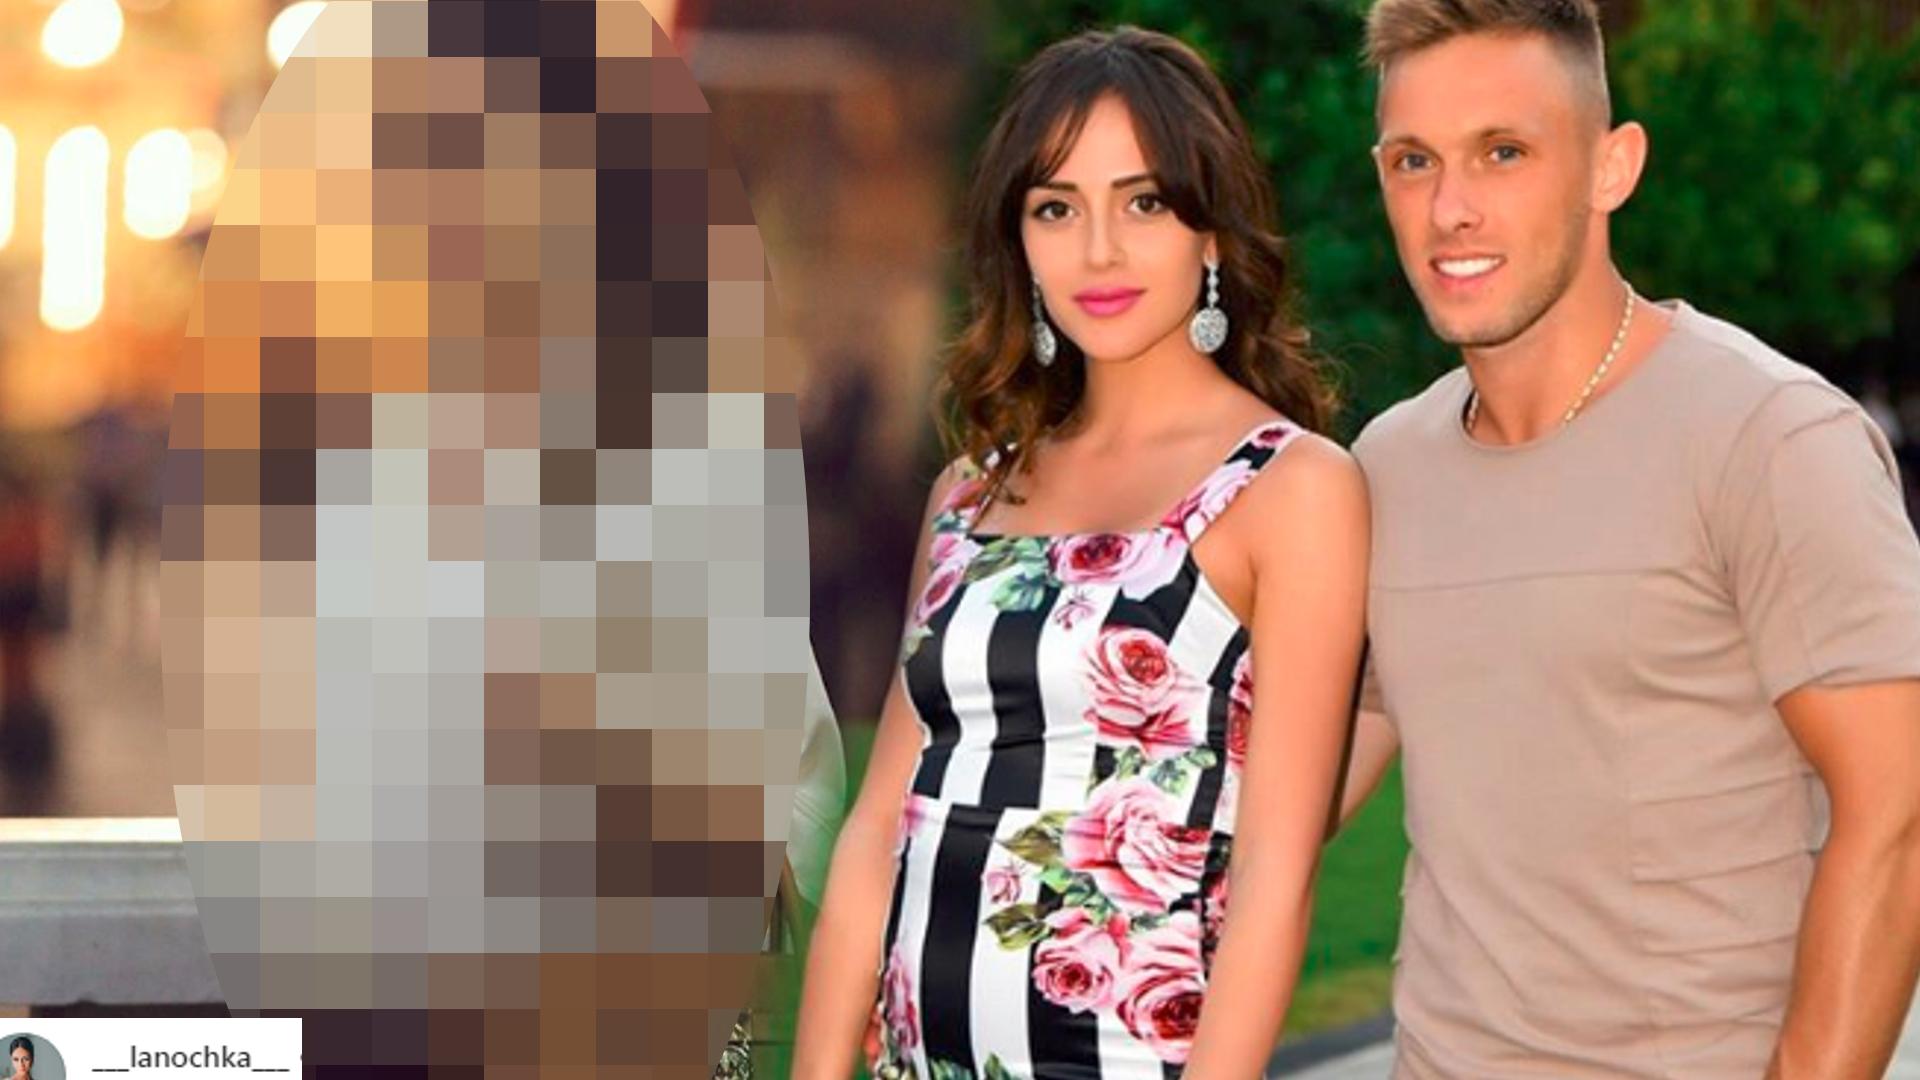 Żona Rybusa TAK cieszy się z ciąży! W tej stylizacji wygląda obłędnie!